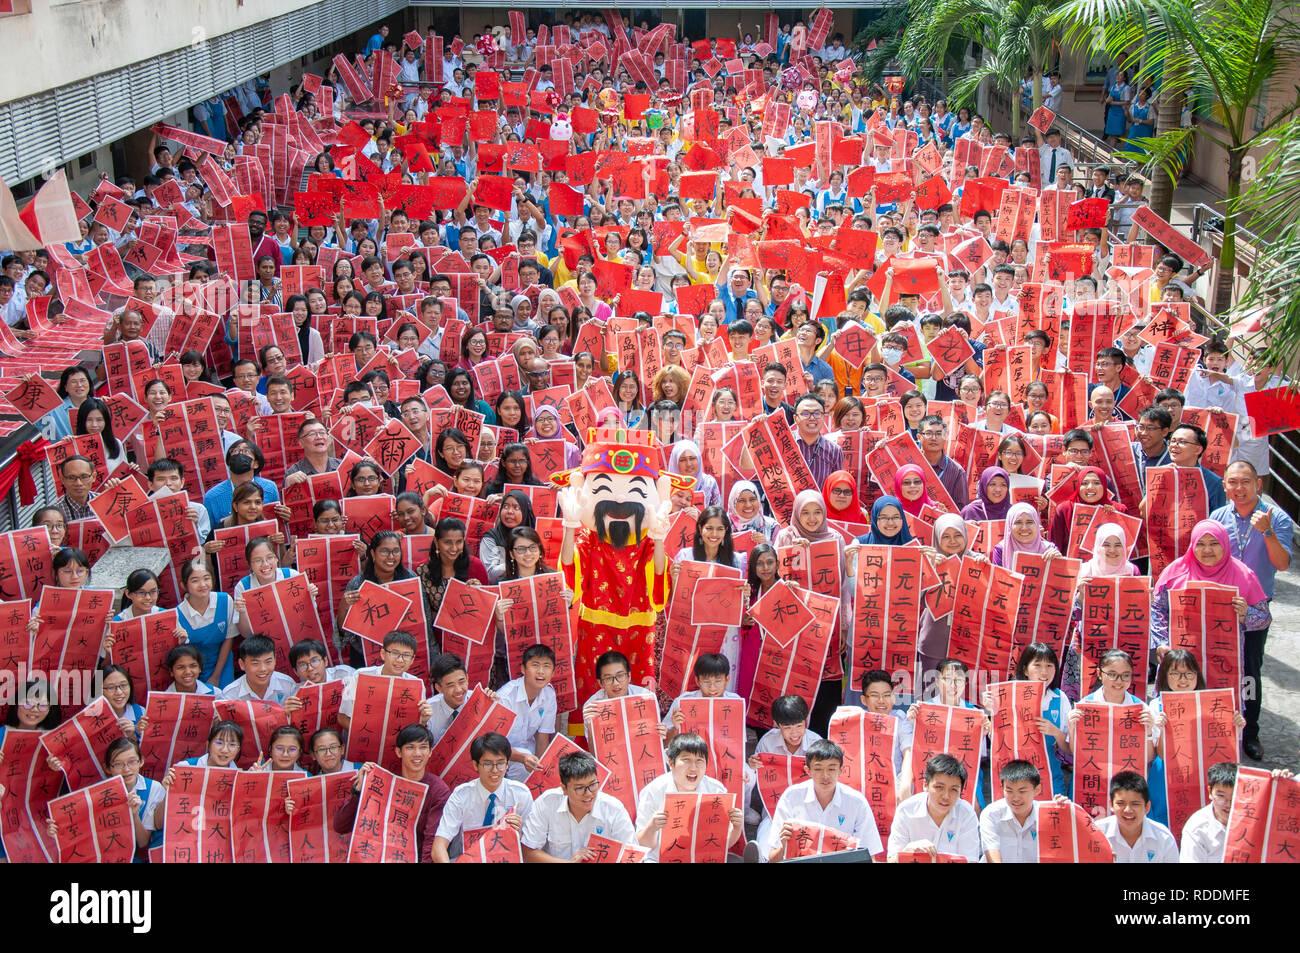 Kuala Lumpur, Malesia. 18 gennaio, 2019. Gli insegnanti e gli studenti azienda cinese tradizionale pittura e calligrafia opere posano per una foto a Tsun Jin High School di Kuala Lumpur in Malesia, Gennaio 18, 2019. Oltre 3 mila gli insegnanti e gli studenti del Tsun Jin High School ha partecipato ad un concorso di cinese tradizionale pittura e calligrafia per salutare la prossima festa di primavera. Il Festival di Primavera, o il nuovo anno lunare cinese cade il 5 febbraio di quest'anno. Credito: Chong Voon Chung/Xinhua/Alamy Live News Immagini Stock